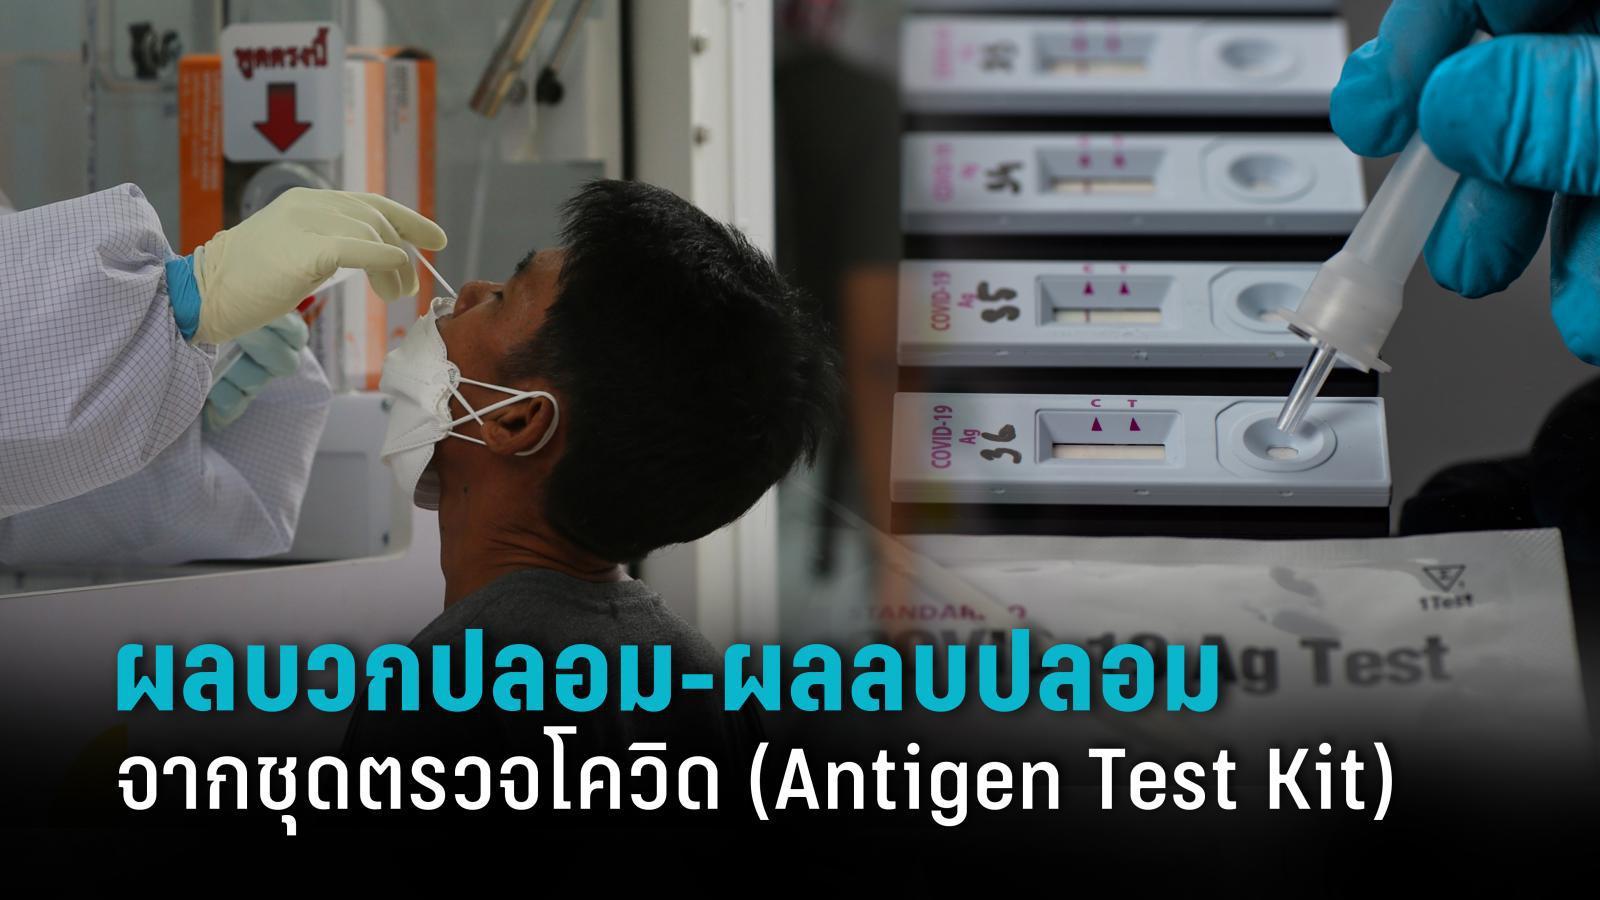 """เข้าใจ """"ผลบวกปลอม-ผลลบปลอม"""" จากการใช้ชุดตรวจโควิด (Antigen Test Kit)"""